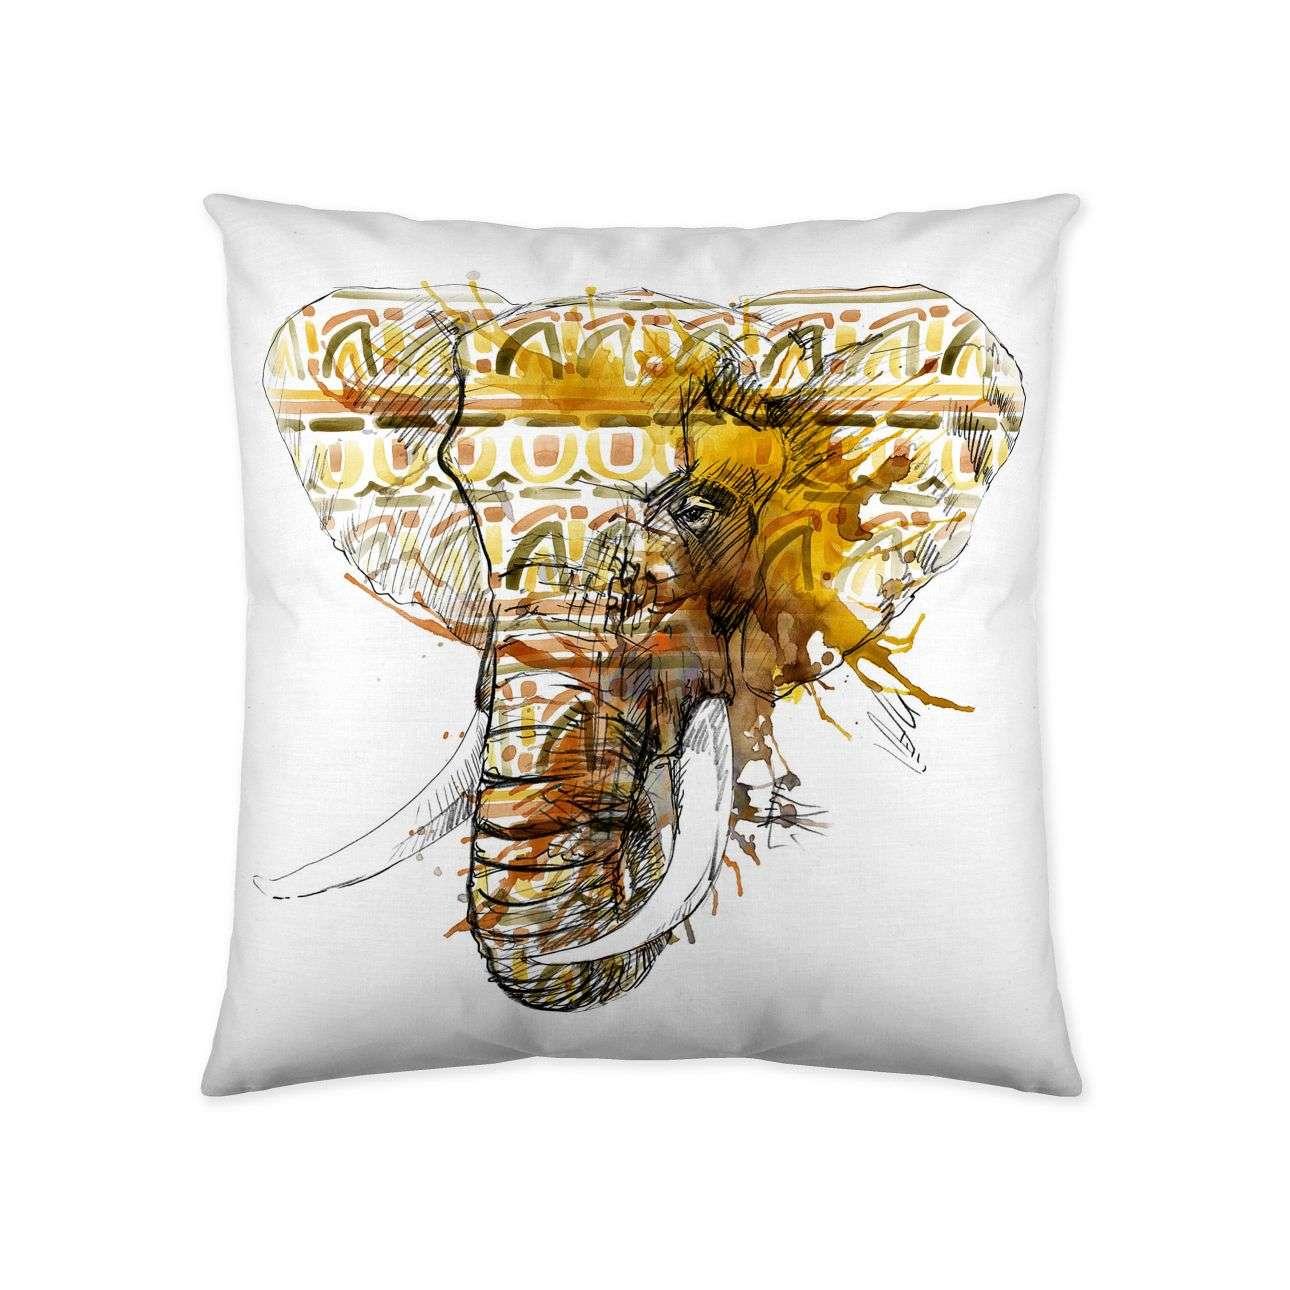 Poszewka Elephant Head 45x45cm